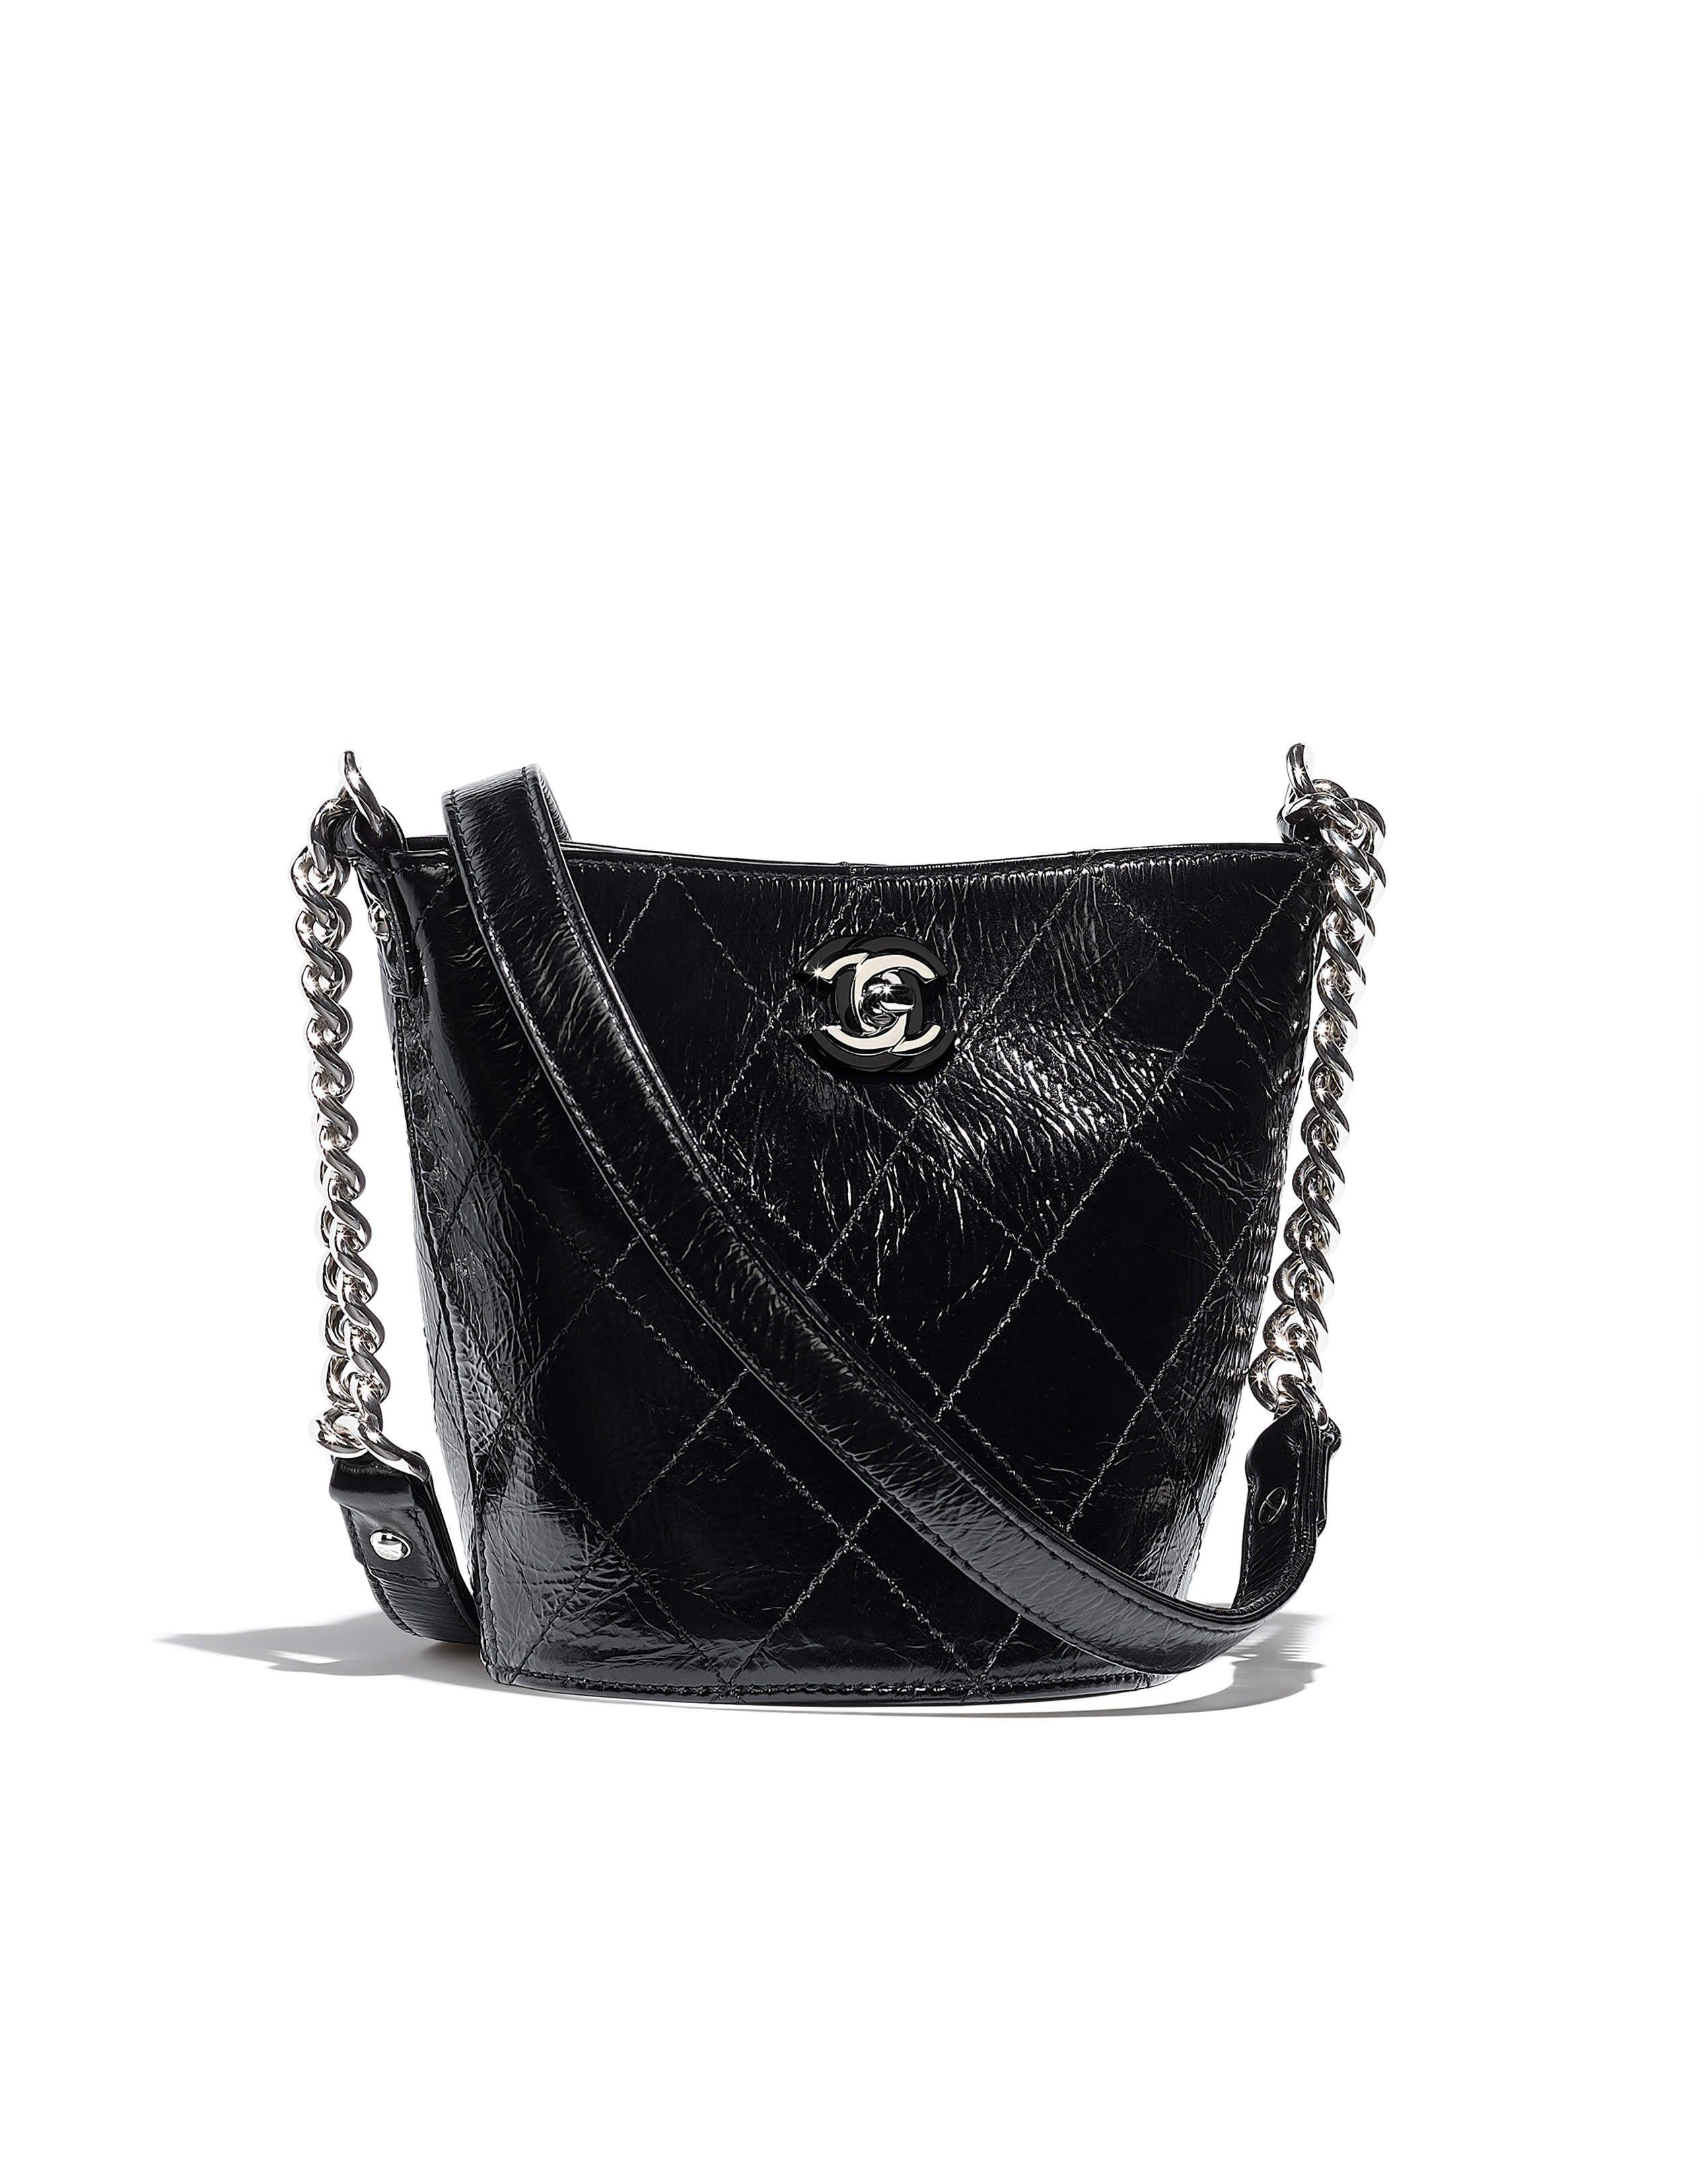 bcb5e19a191ed Chanel - SS2018